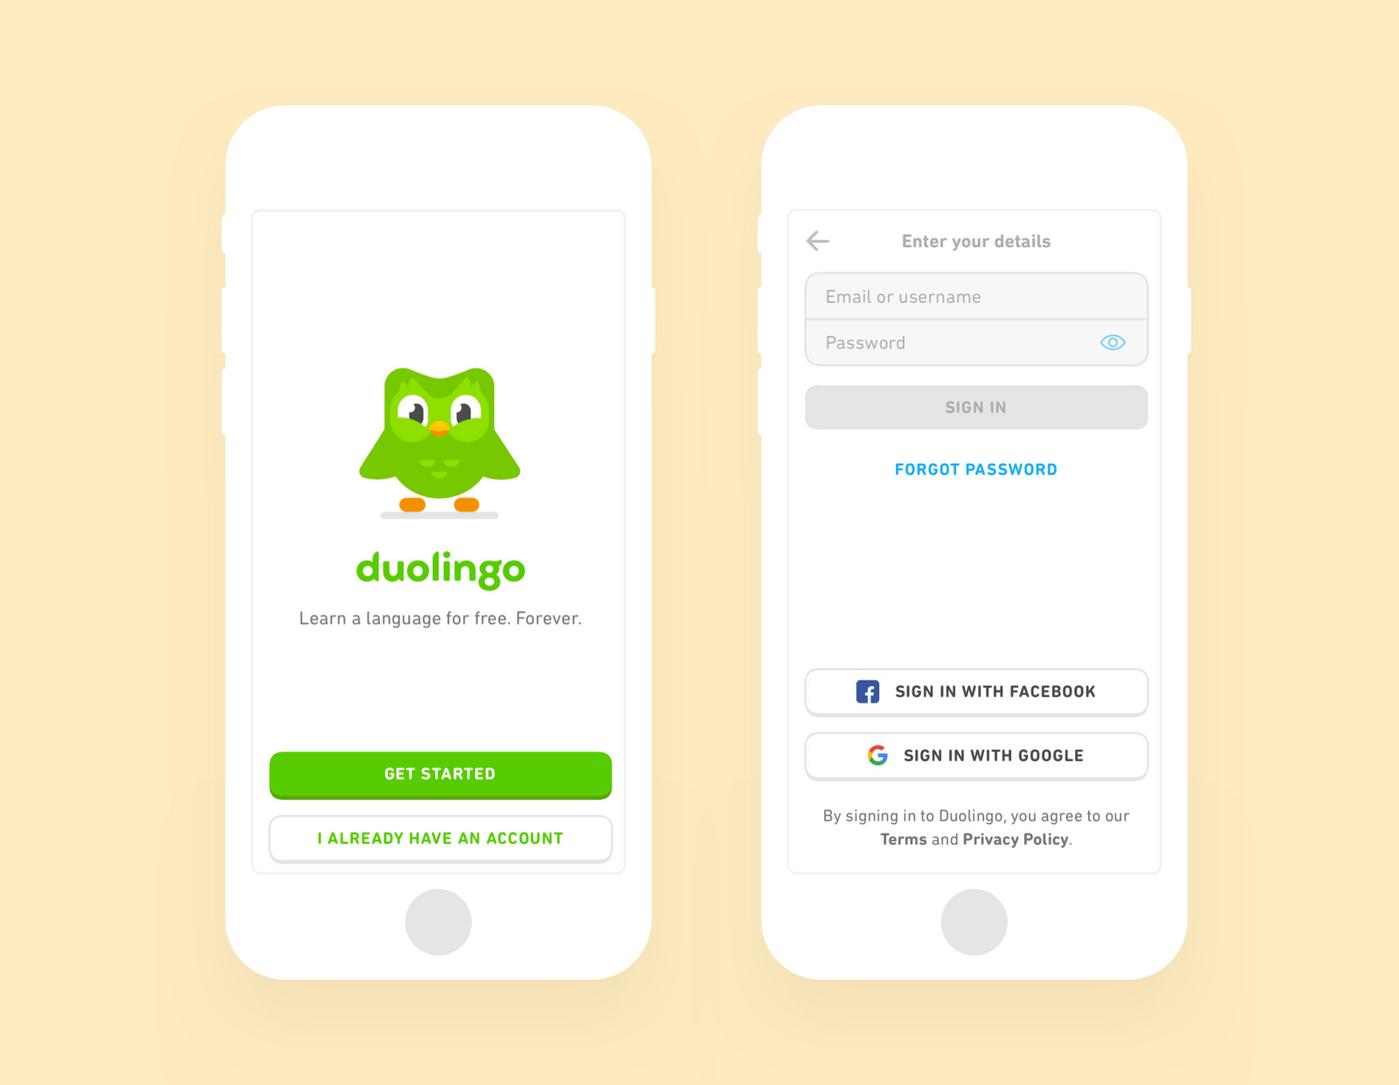 Duolingo registration